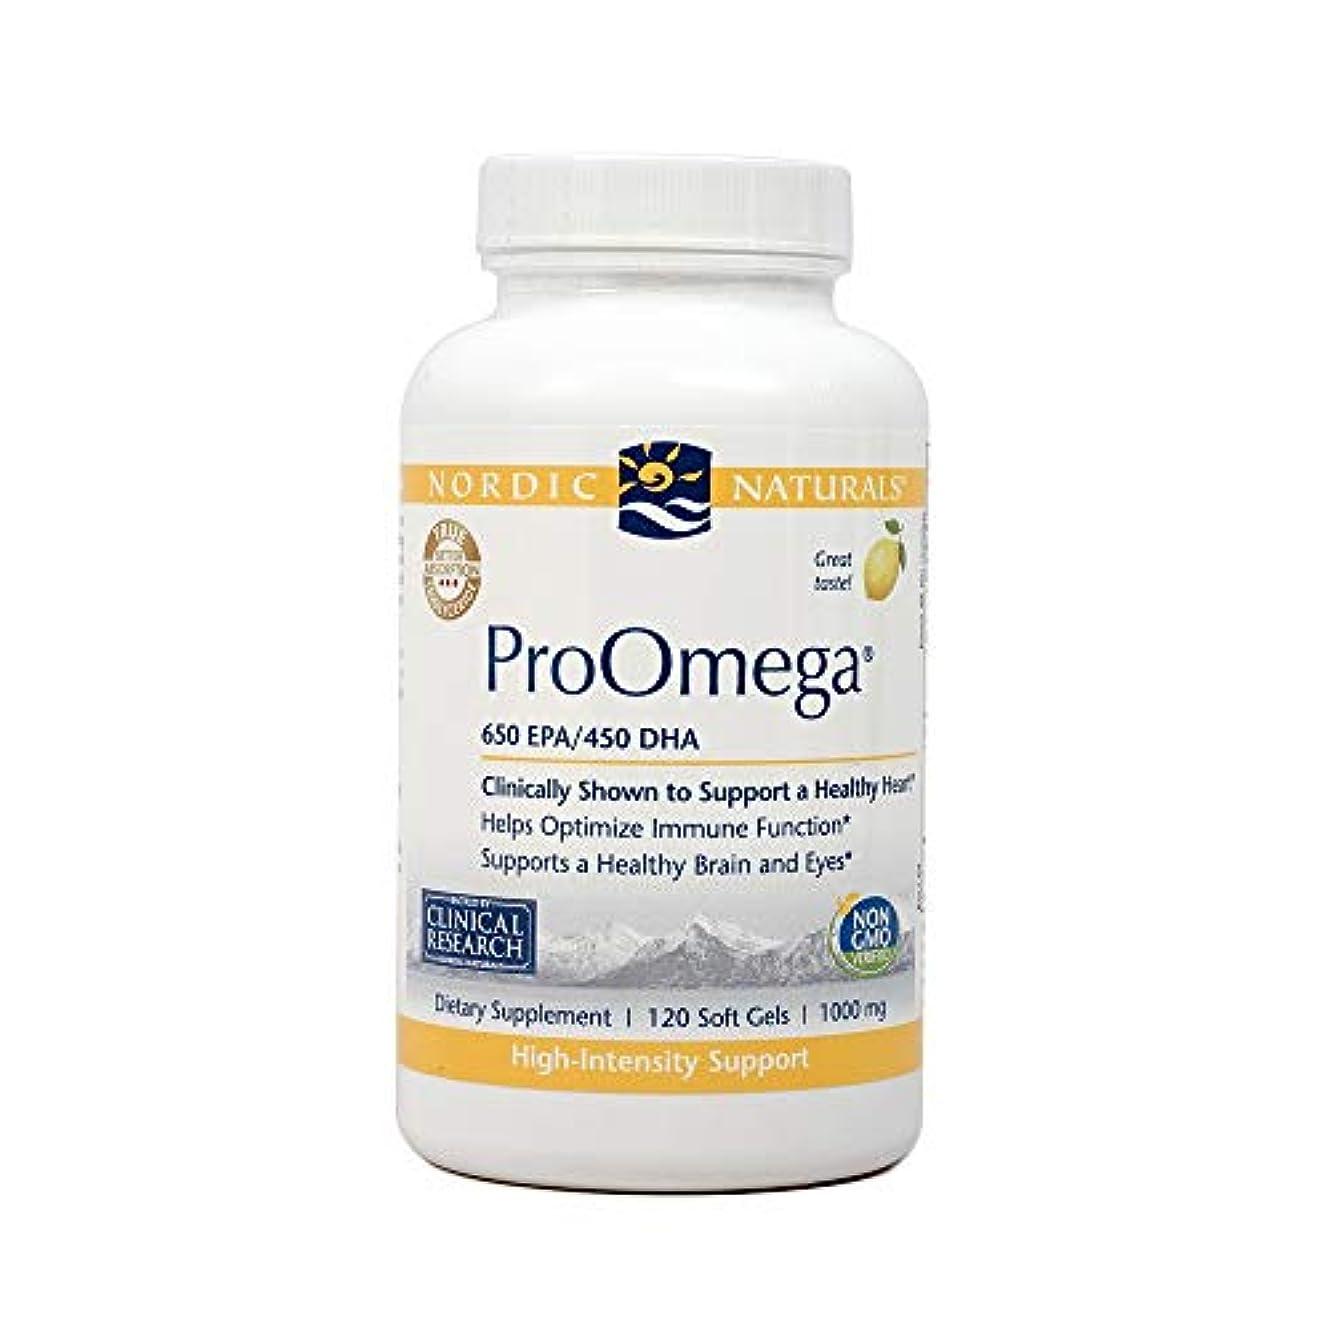 巨大偽善試みNordic Naturals ProOmega プロオメガ ソフトカプセル120粒 [海外直送品]